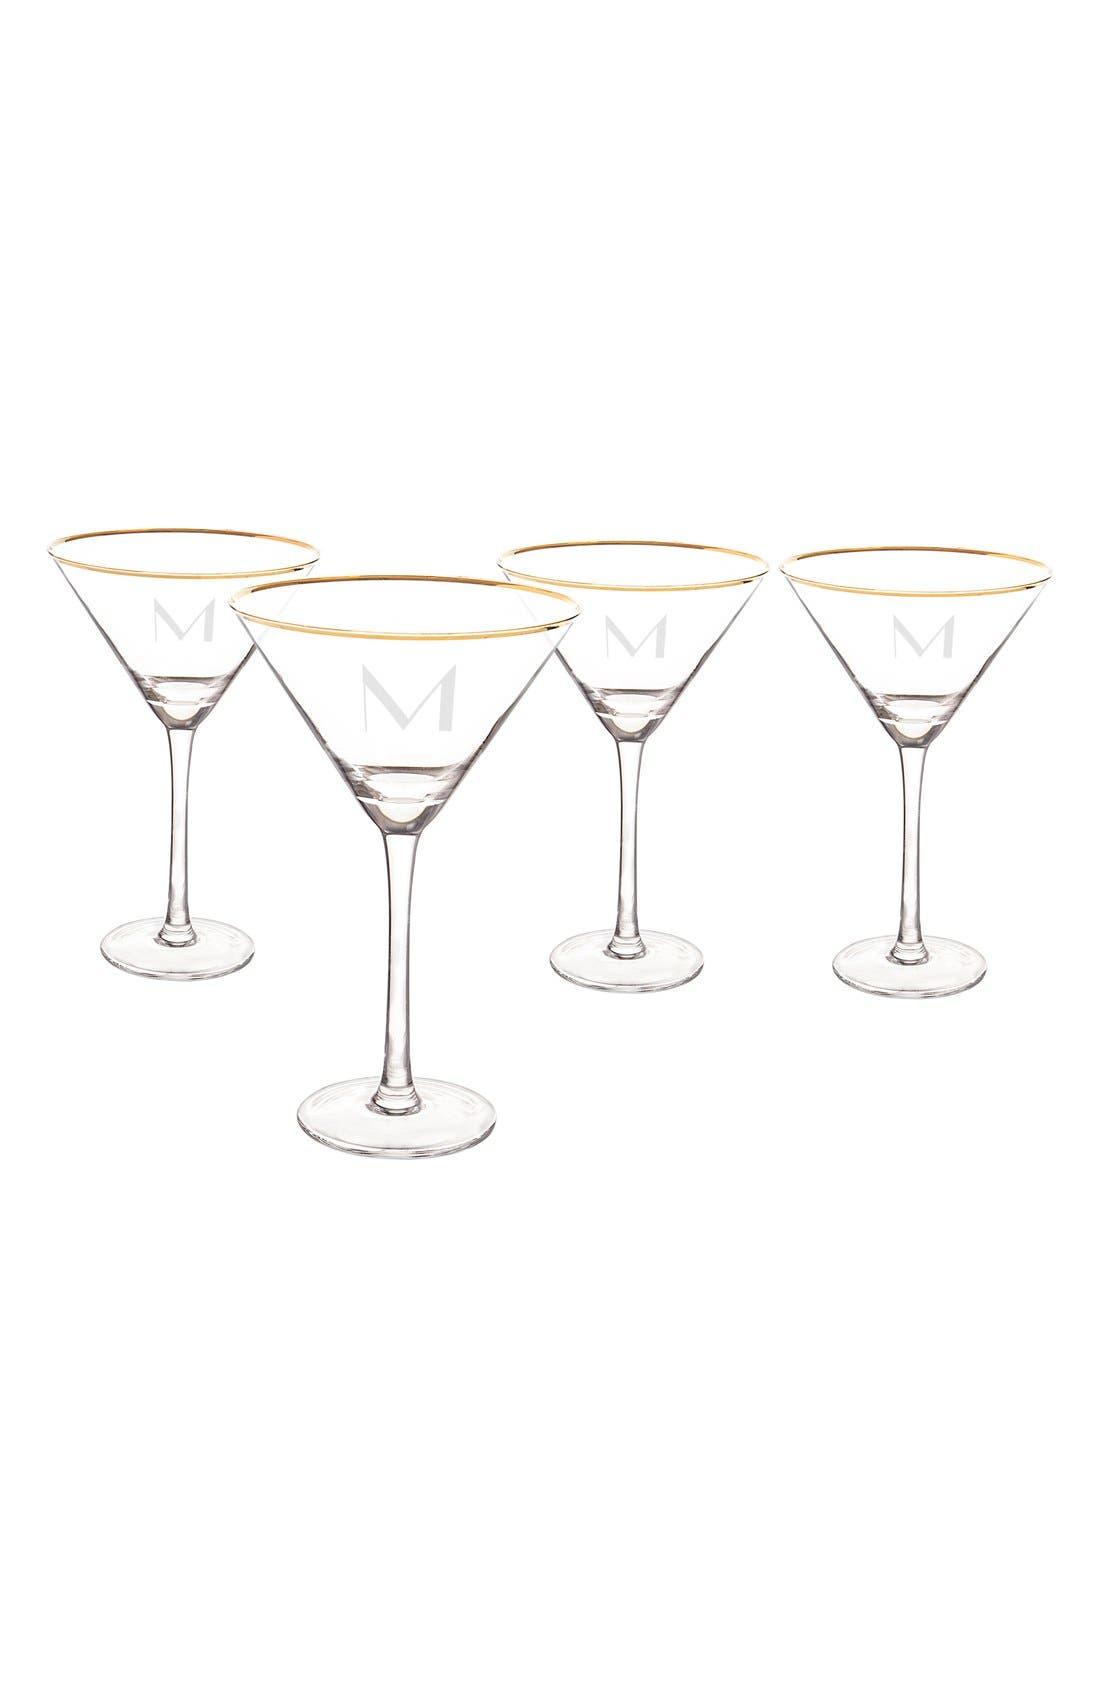 Set of 4 Gold Rimmed Monogram Martini Glasses,                             Alternate thumbnail 4, color,                             710